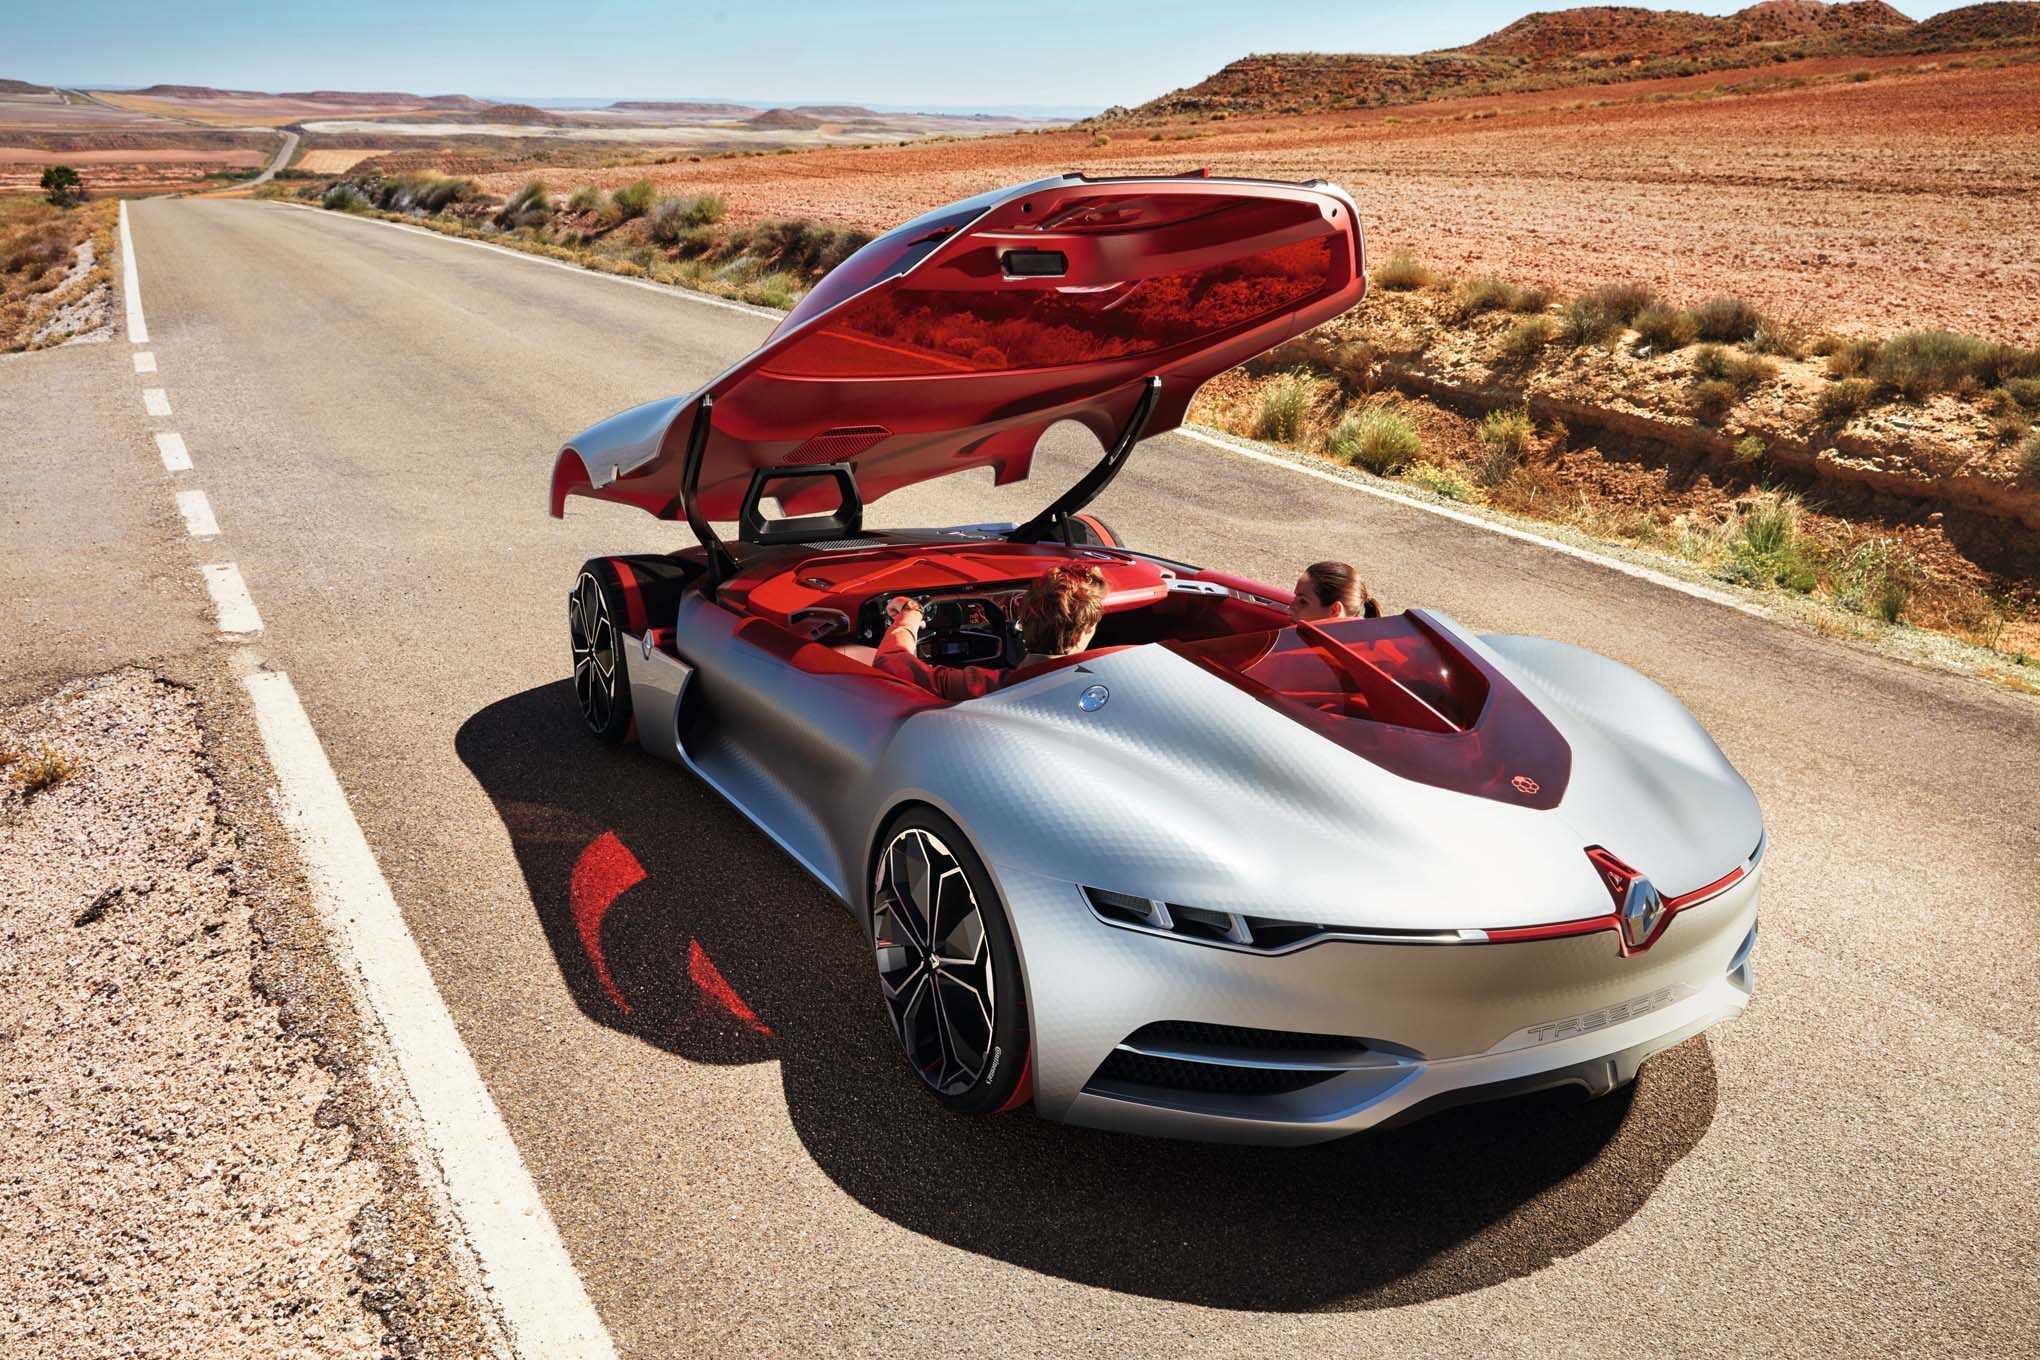 Renault Trezor Concept Model Launched at Paris Auto Show